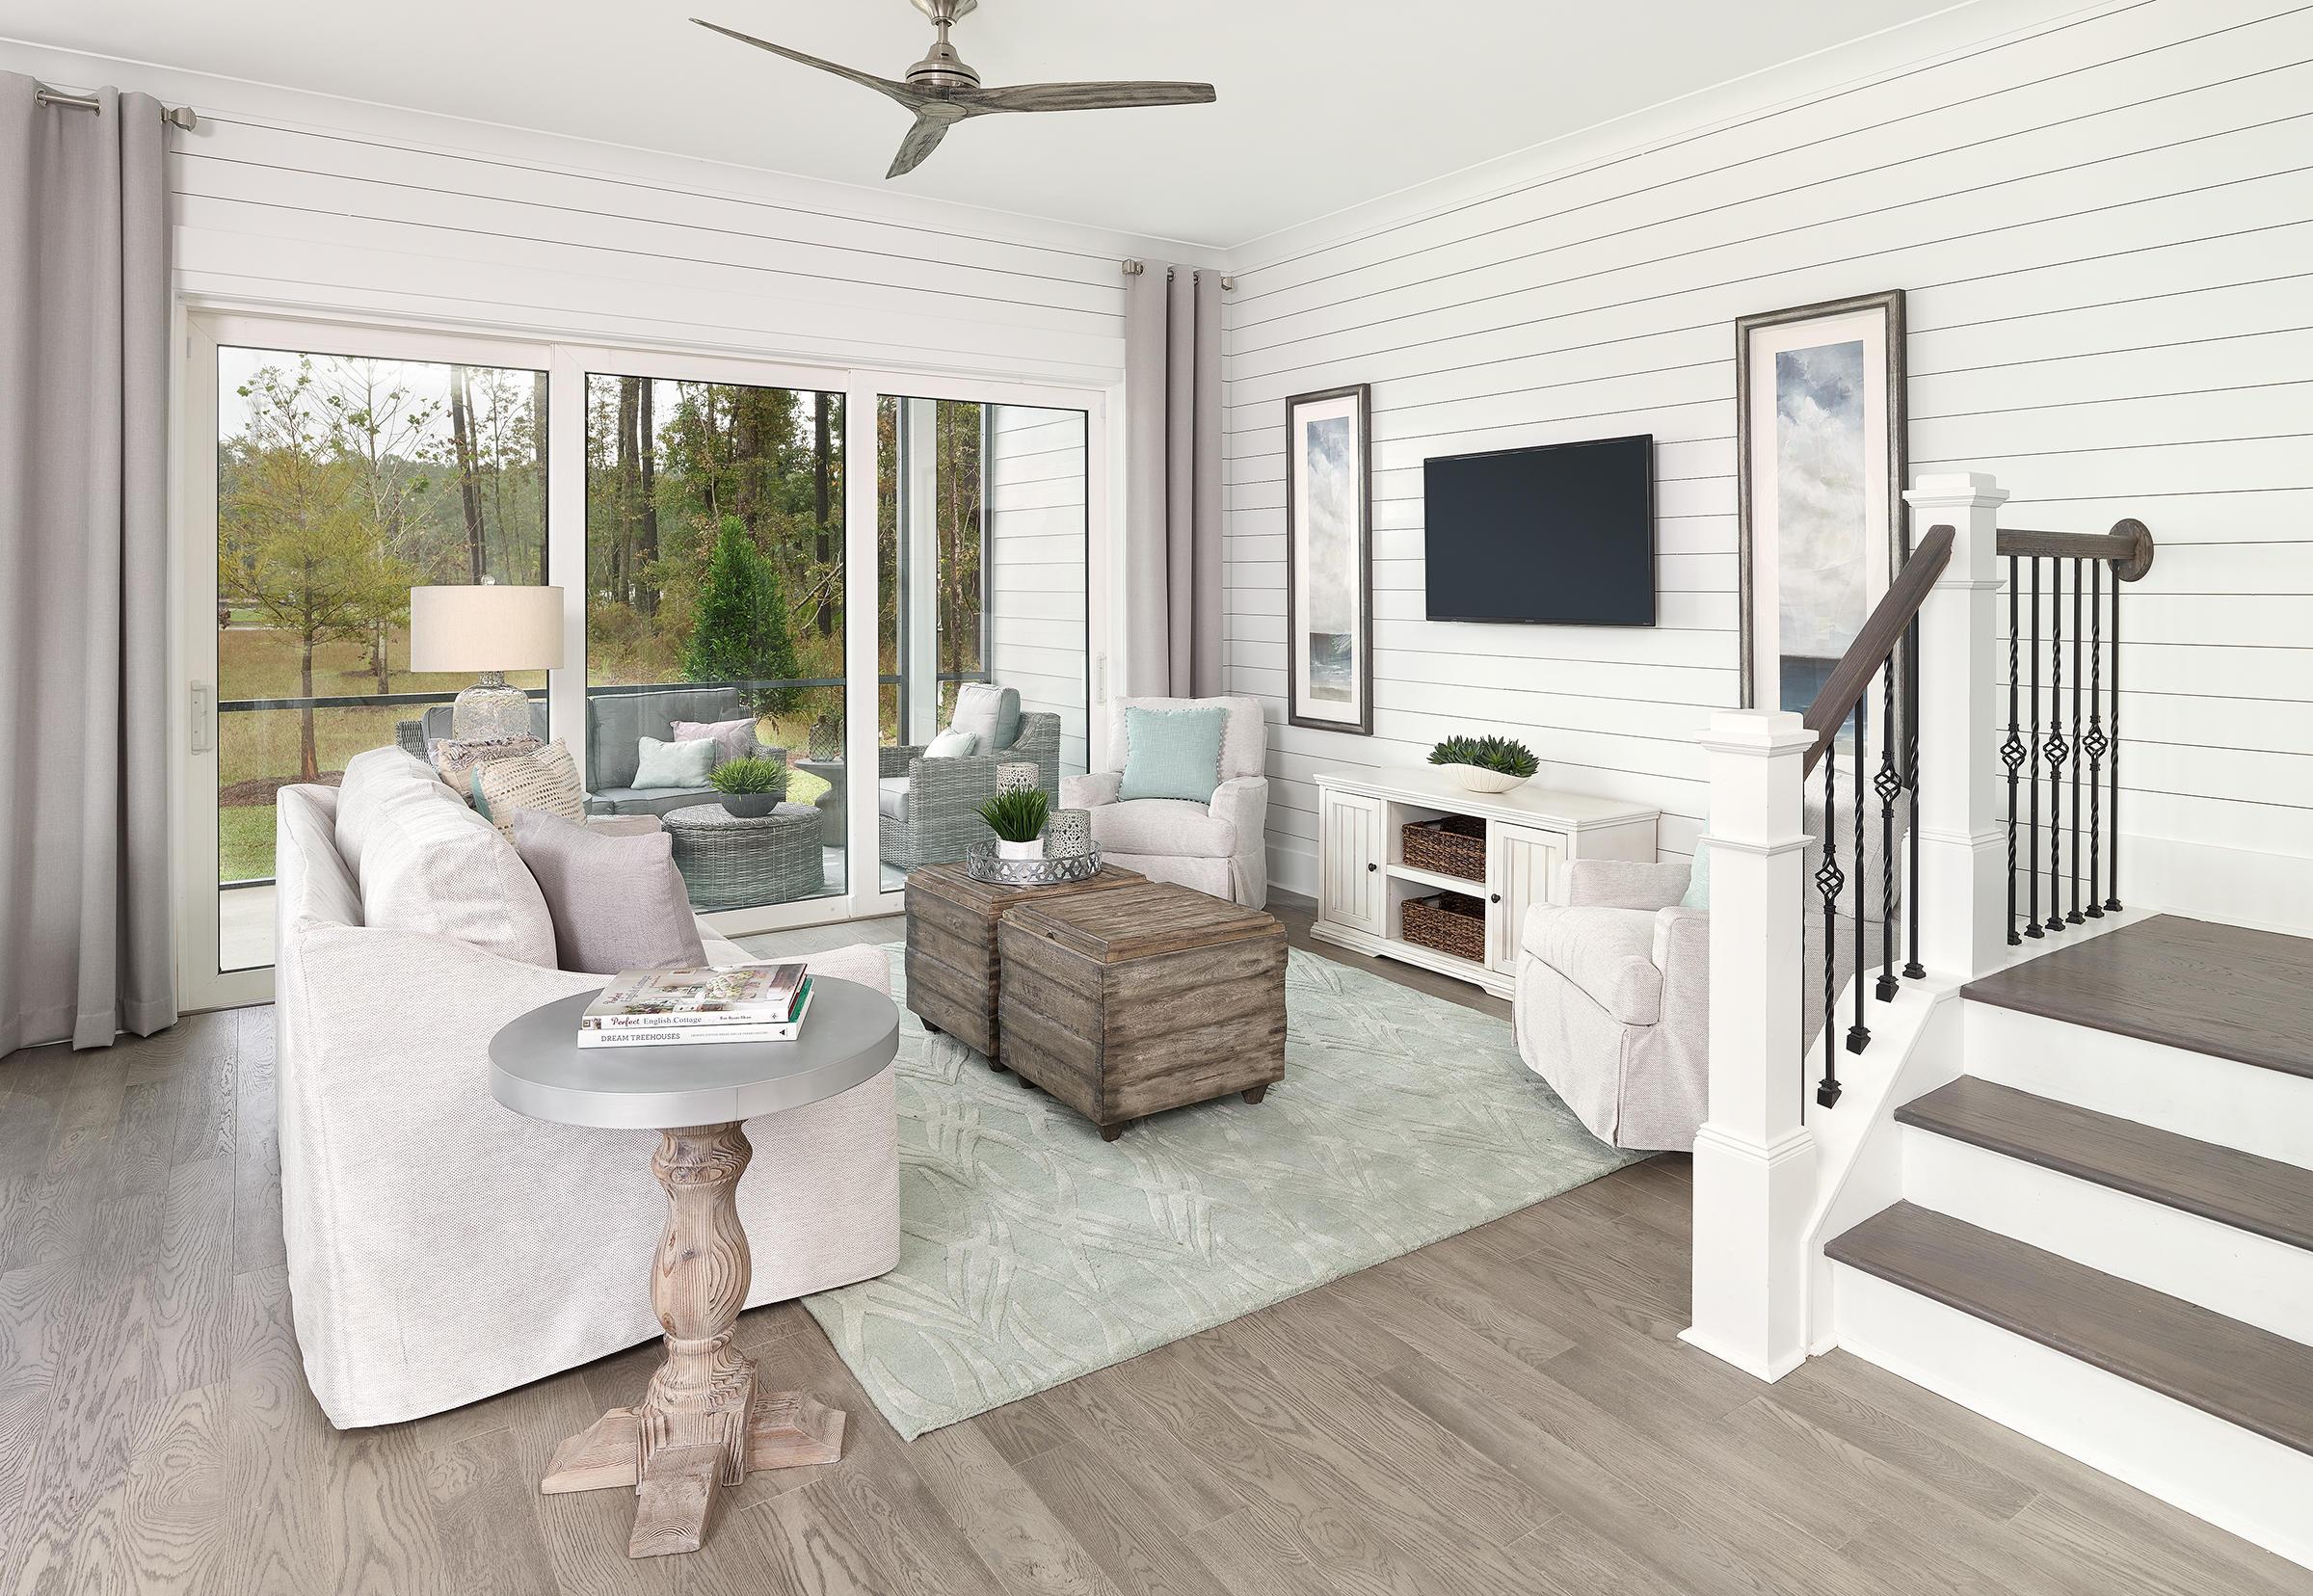 Dunes West Homes For Sale - 2890 Eddy, Mount Pleasant, SC - 12